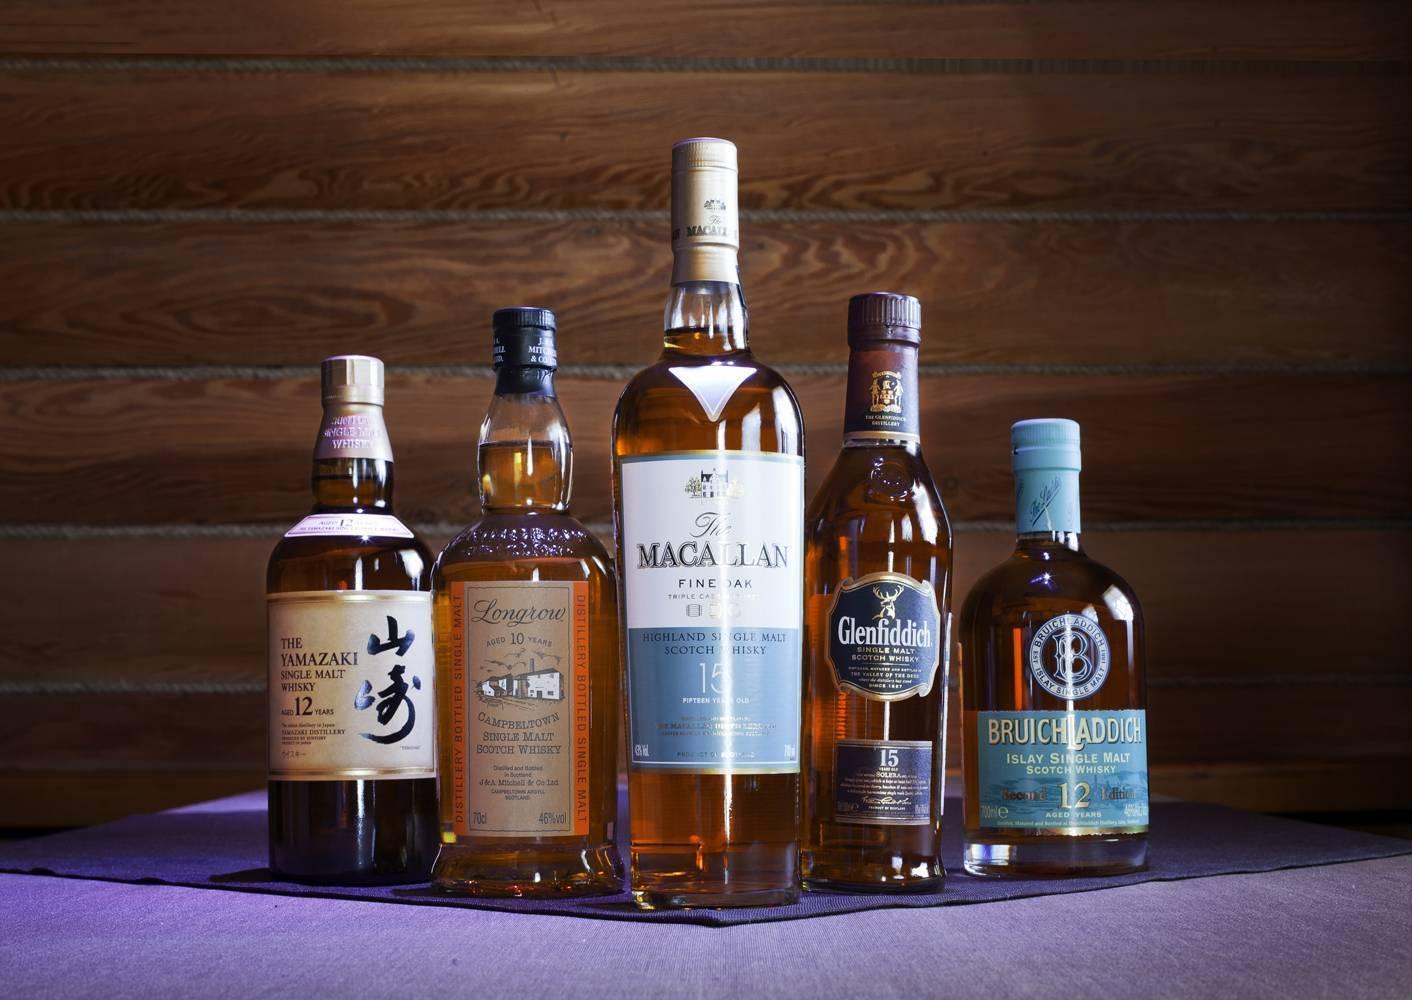 История купажированного виски, виды, стандарты и требования к производству. какой лучше пить, в чем разница? | про самогон и другие напитки ? | яндекс дзен